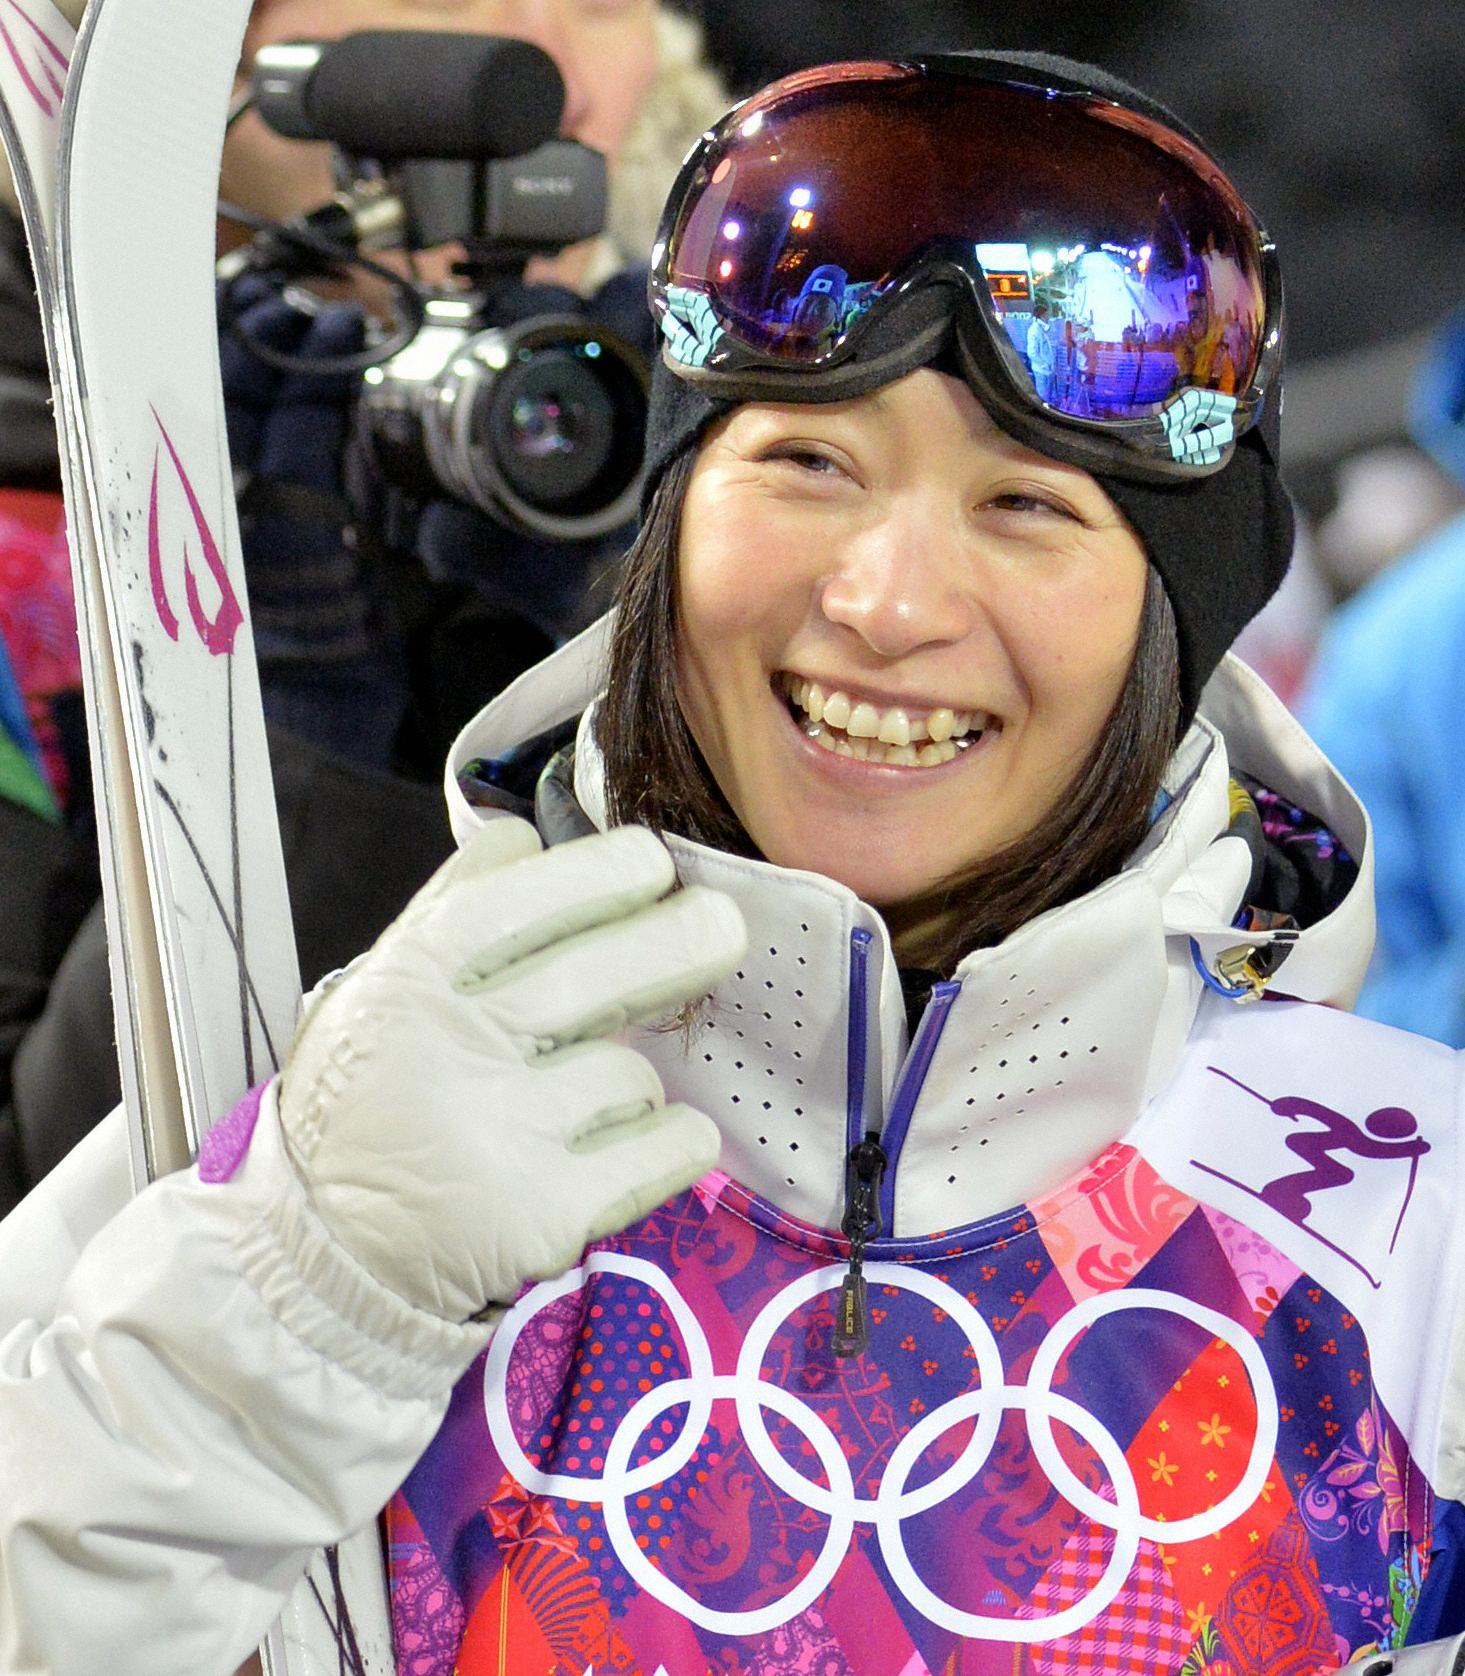 上村予選7位、悲願のメダルへ フィギュア団体、羽生見事な初陣